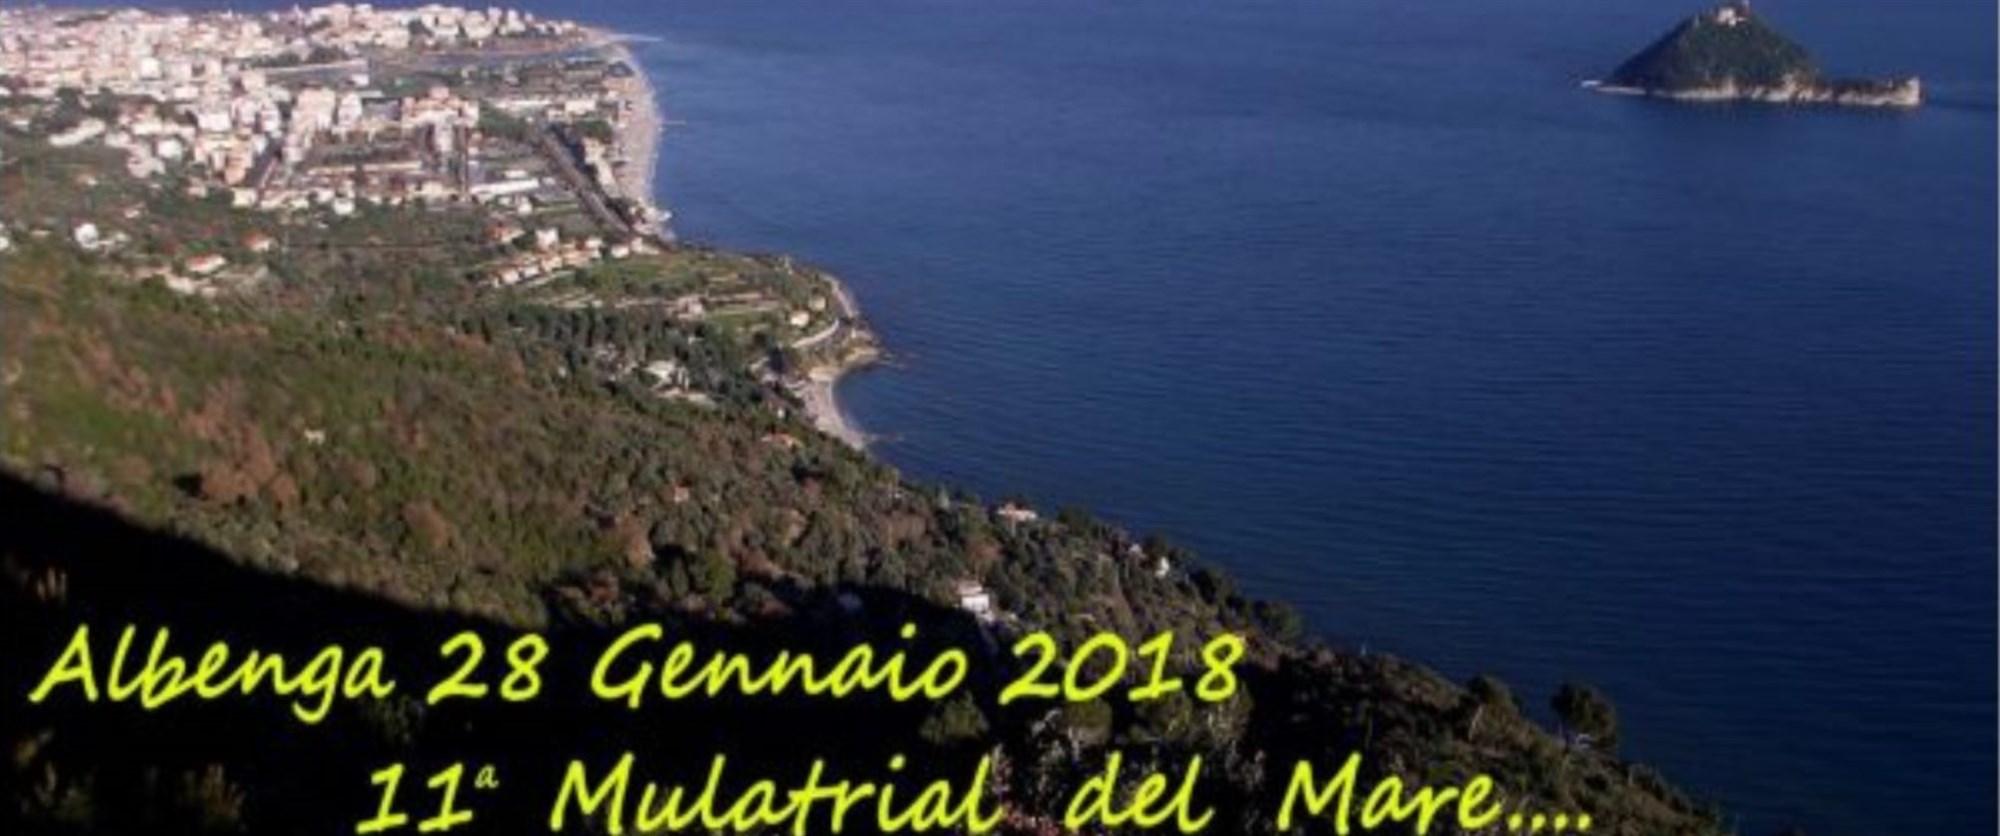 Offerta Speciale Mulatrial del Mare 2018